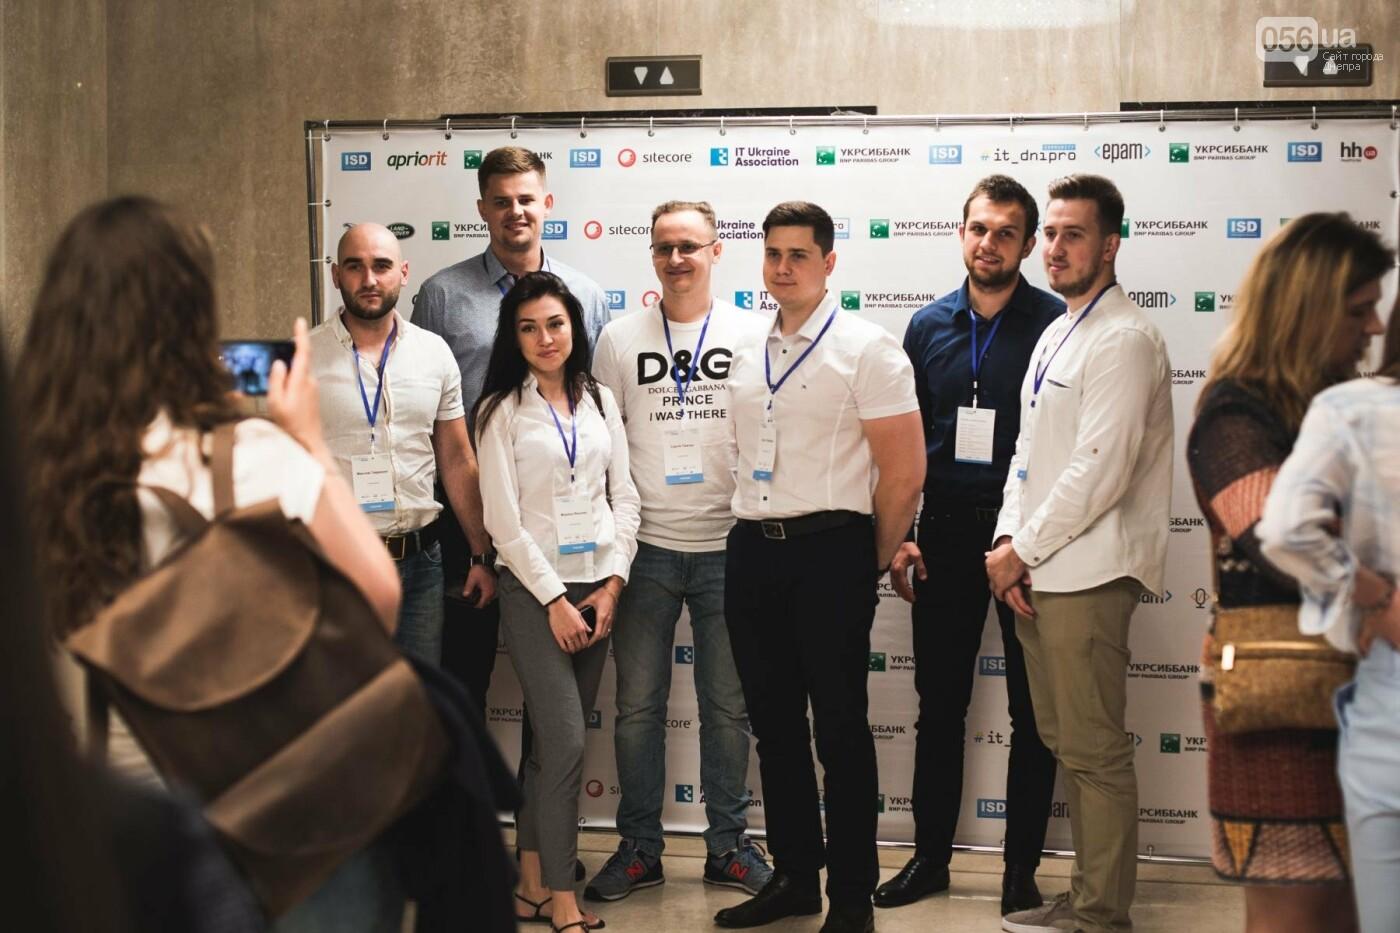 В Днепре прошла бизнес-конференция IT Dnipro Conference: подробности, - ФОТО, фото-18